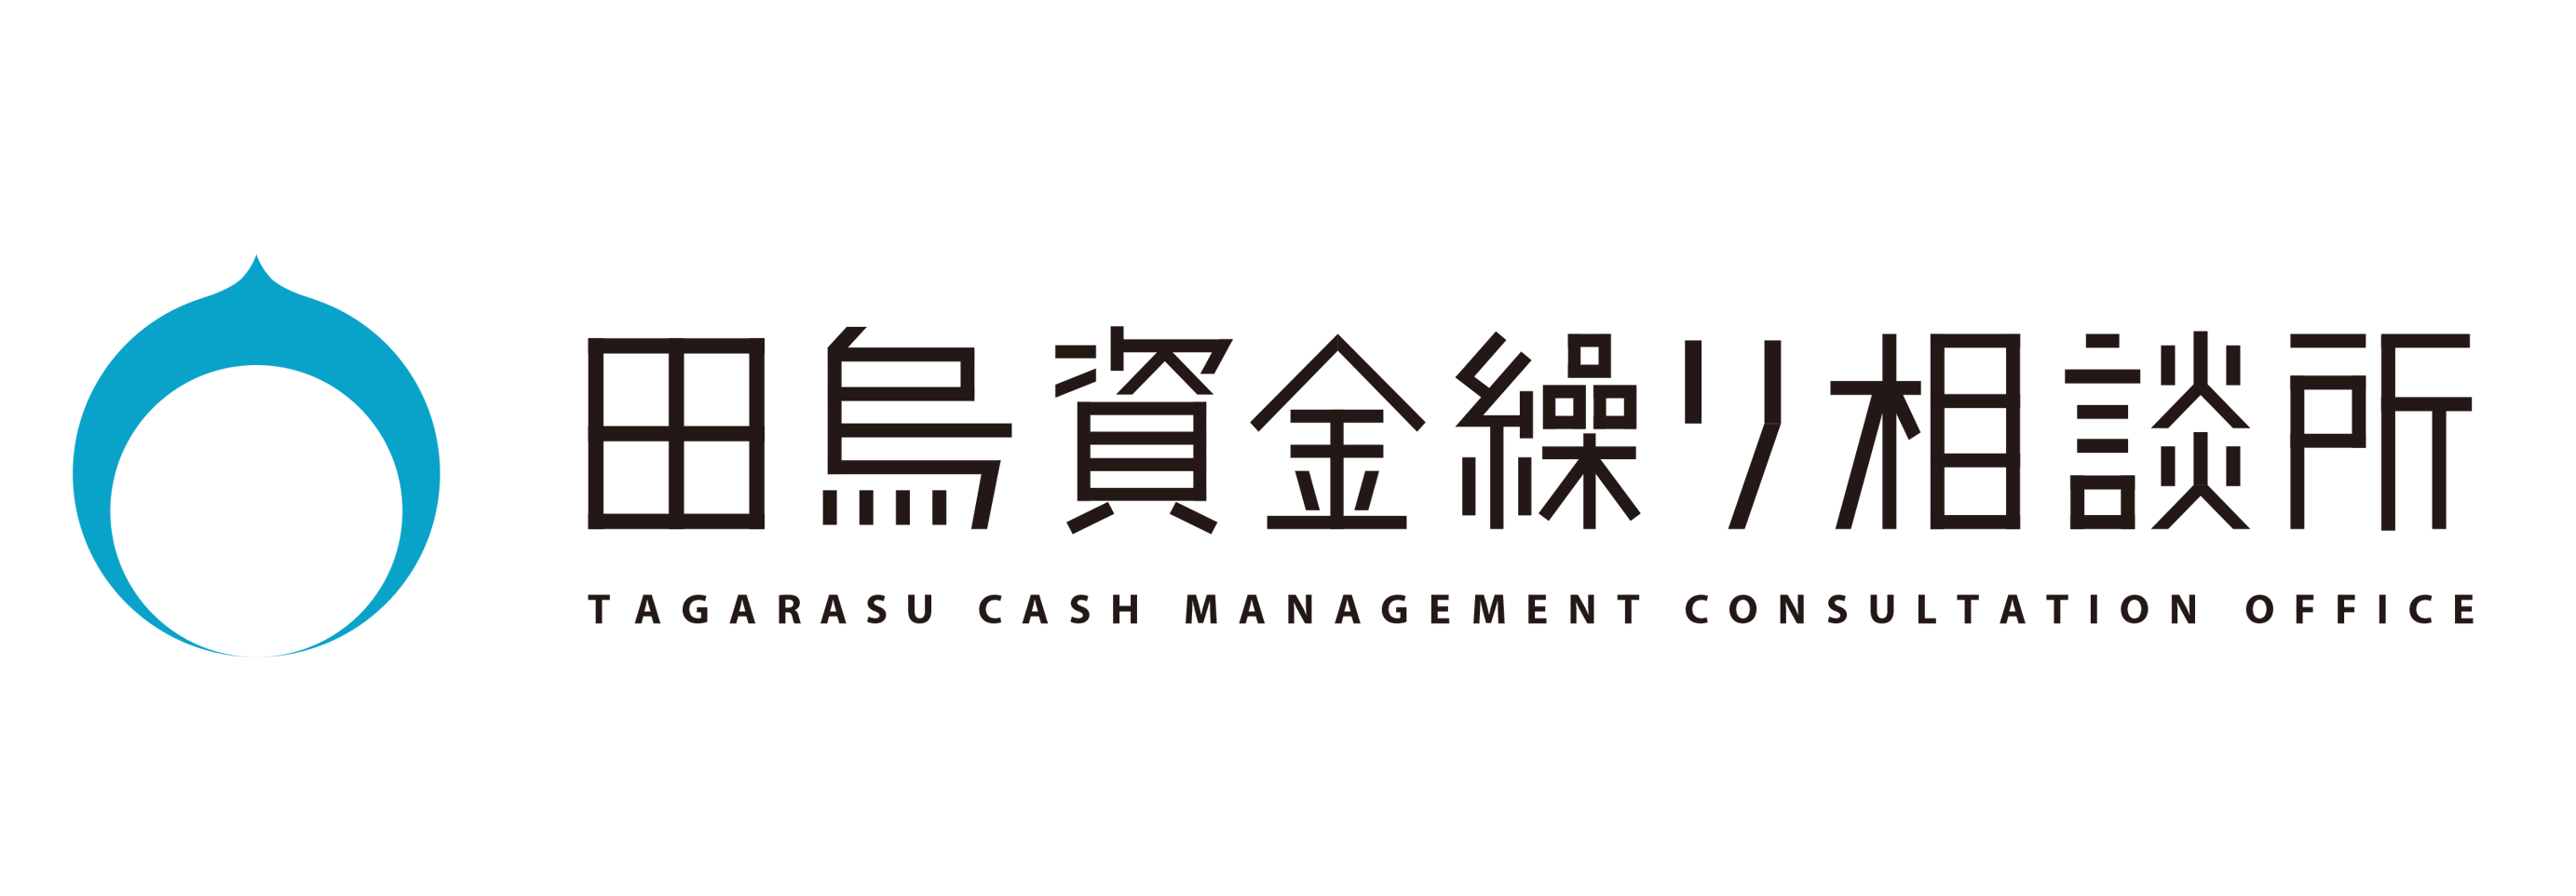 名古屋のリスケ専門店 たがらす資金繰り相談所